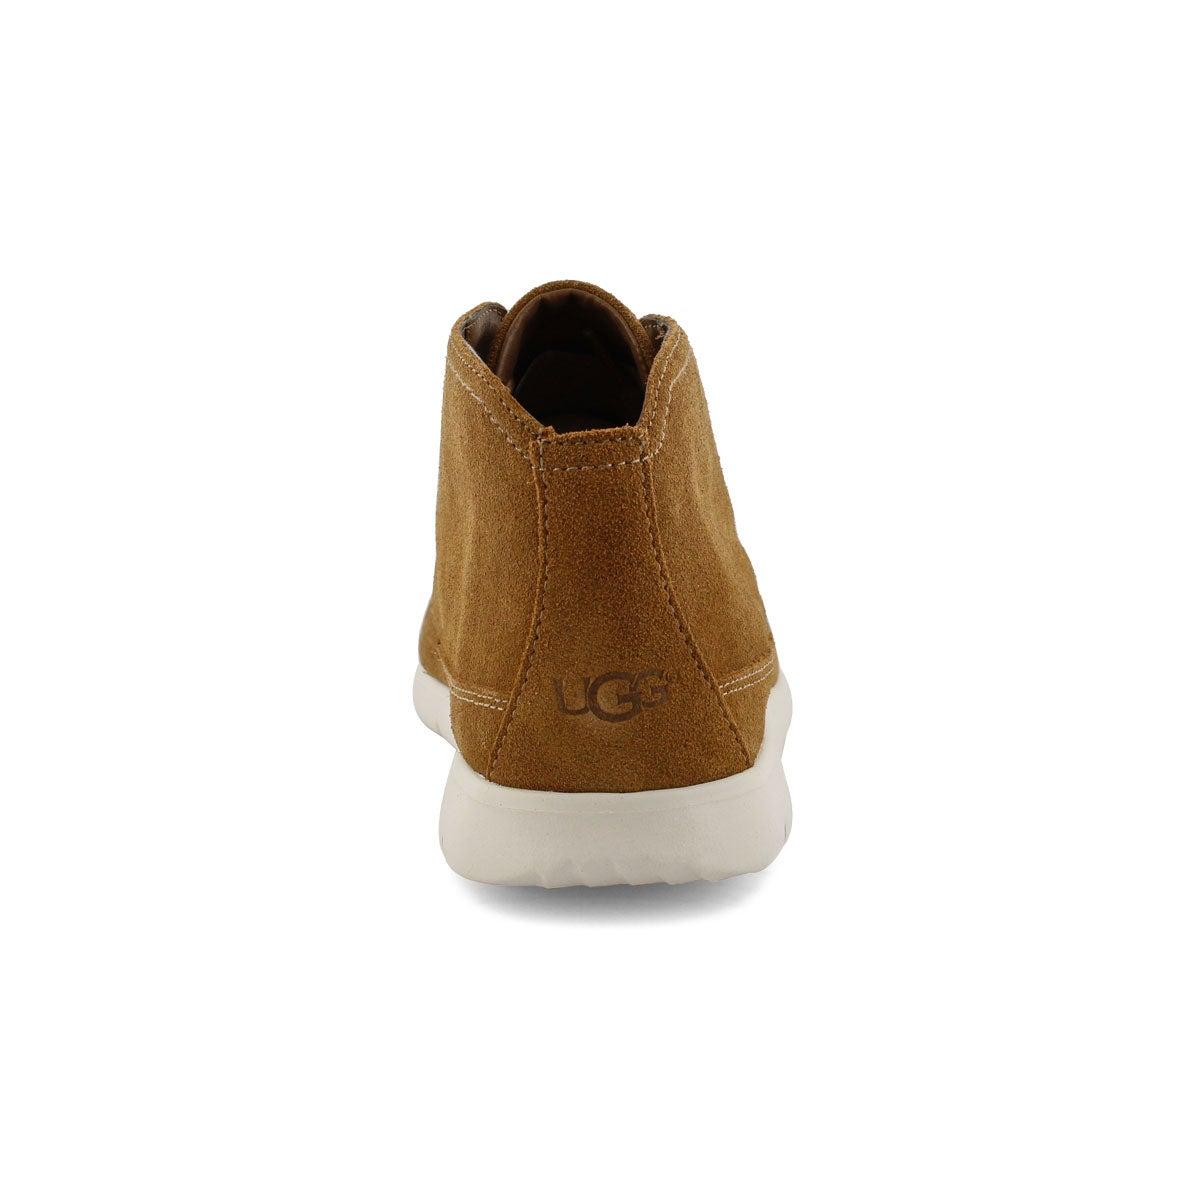 Men's DUSTIN chestnut ckukka boots